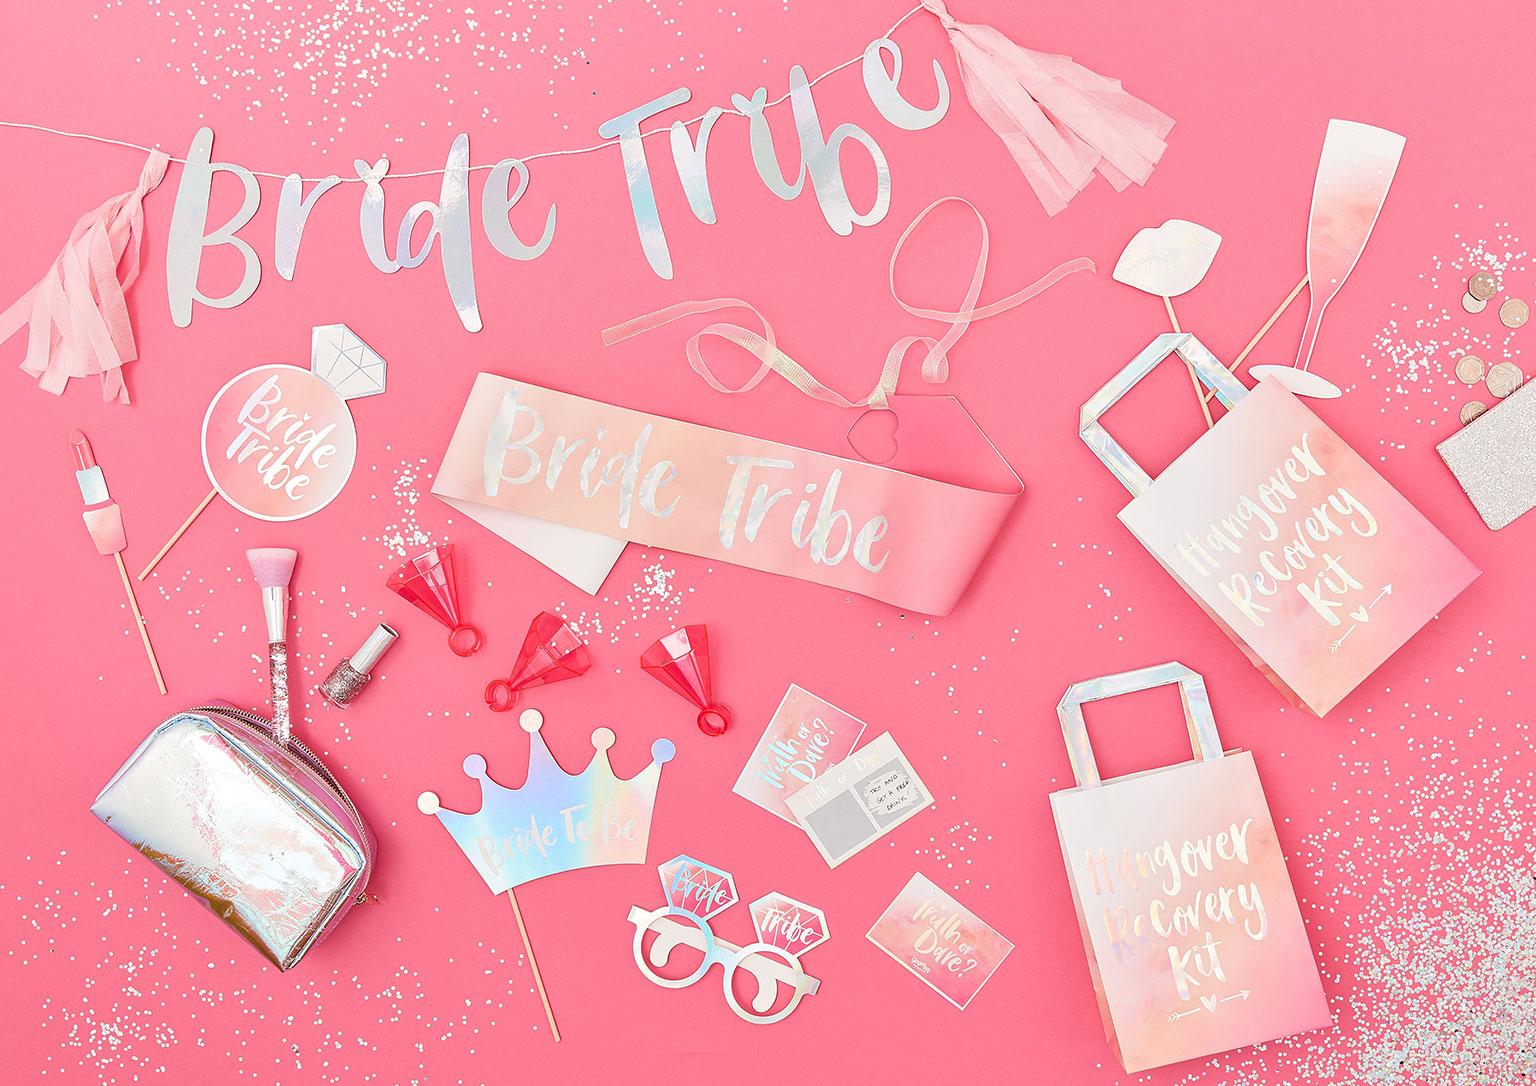 Bride-Tribe-Range-Shot-V2---Landscape.jpg